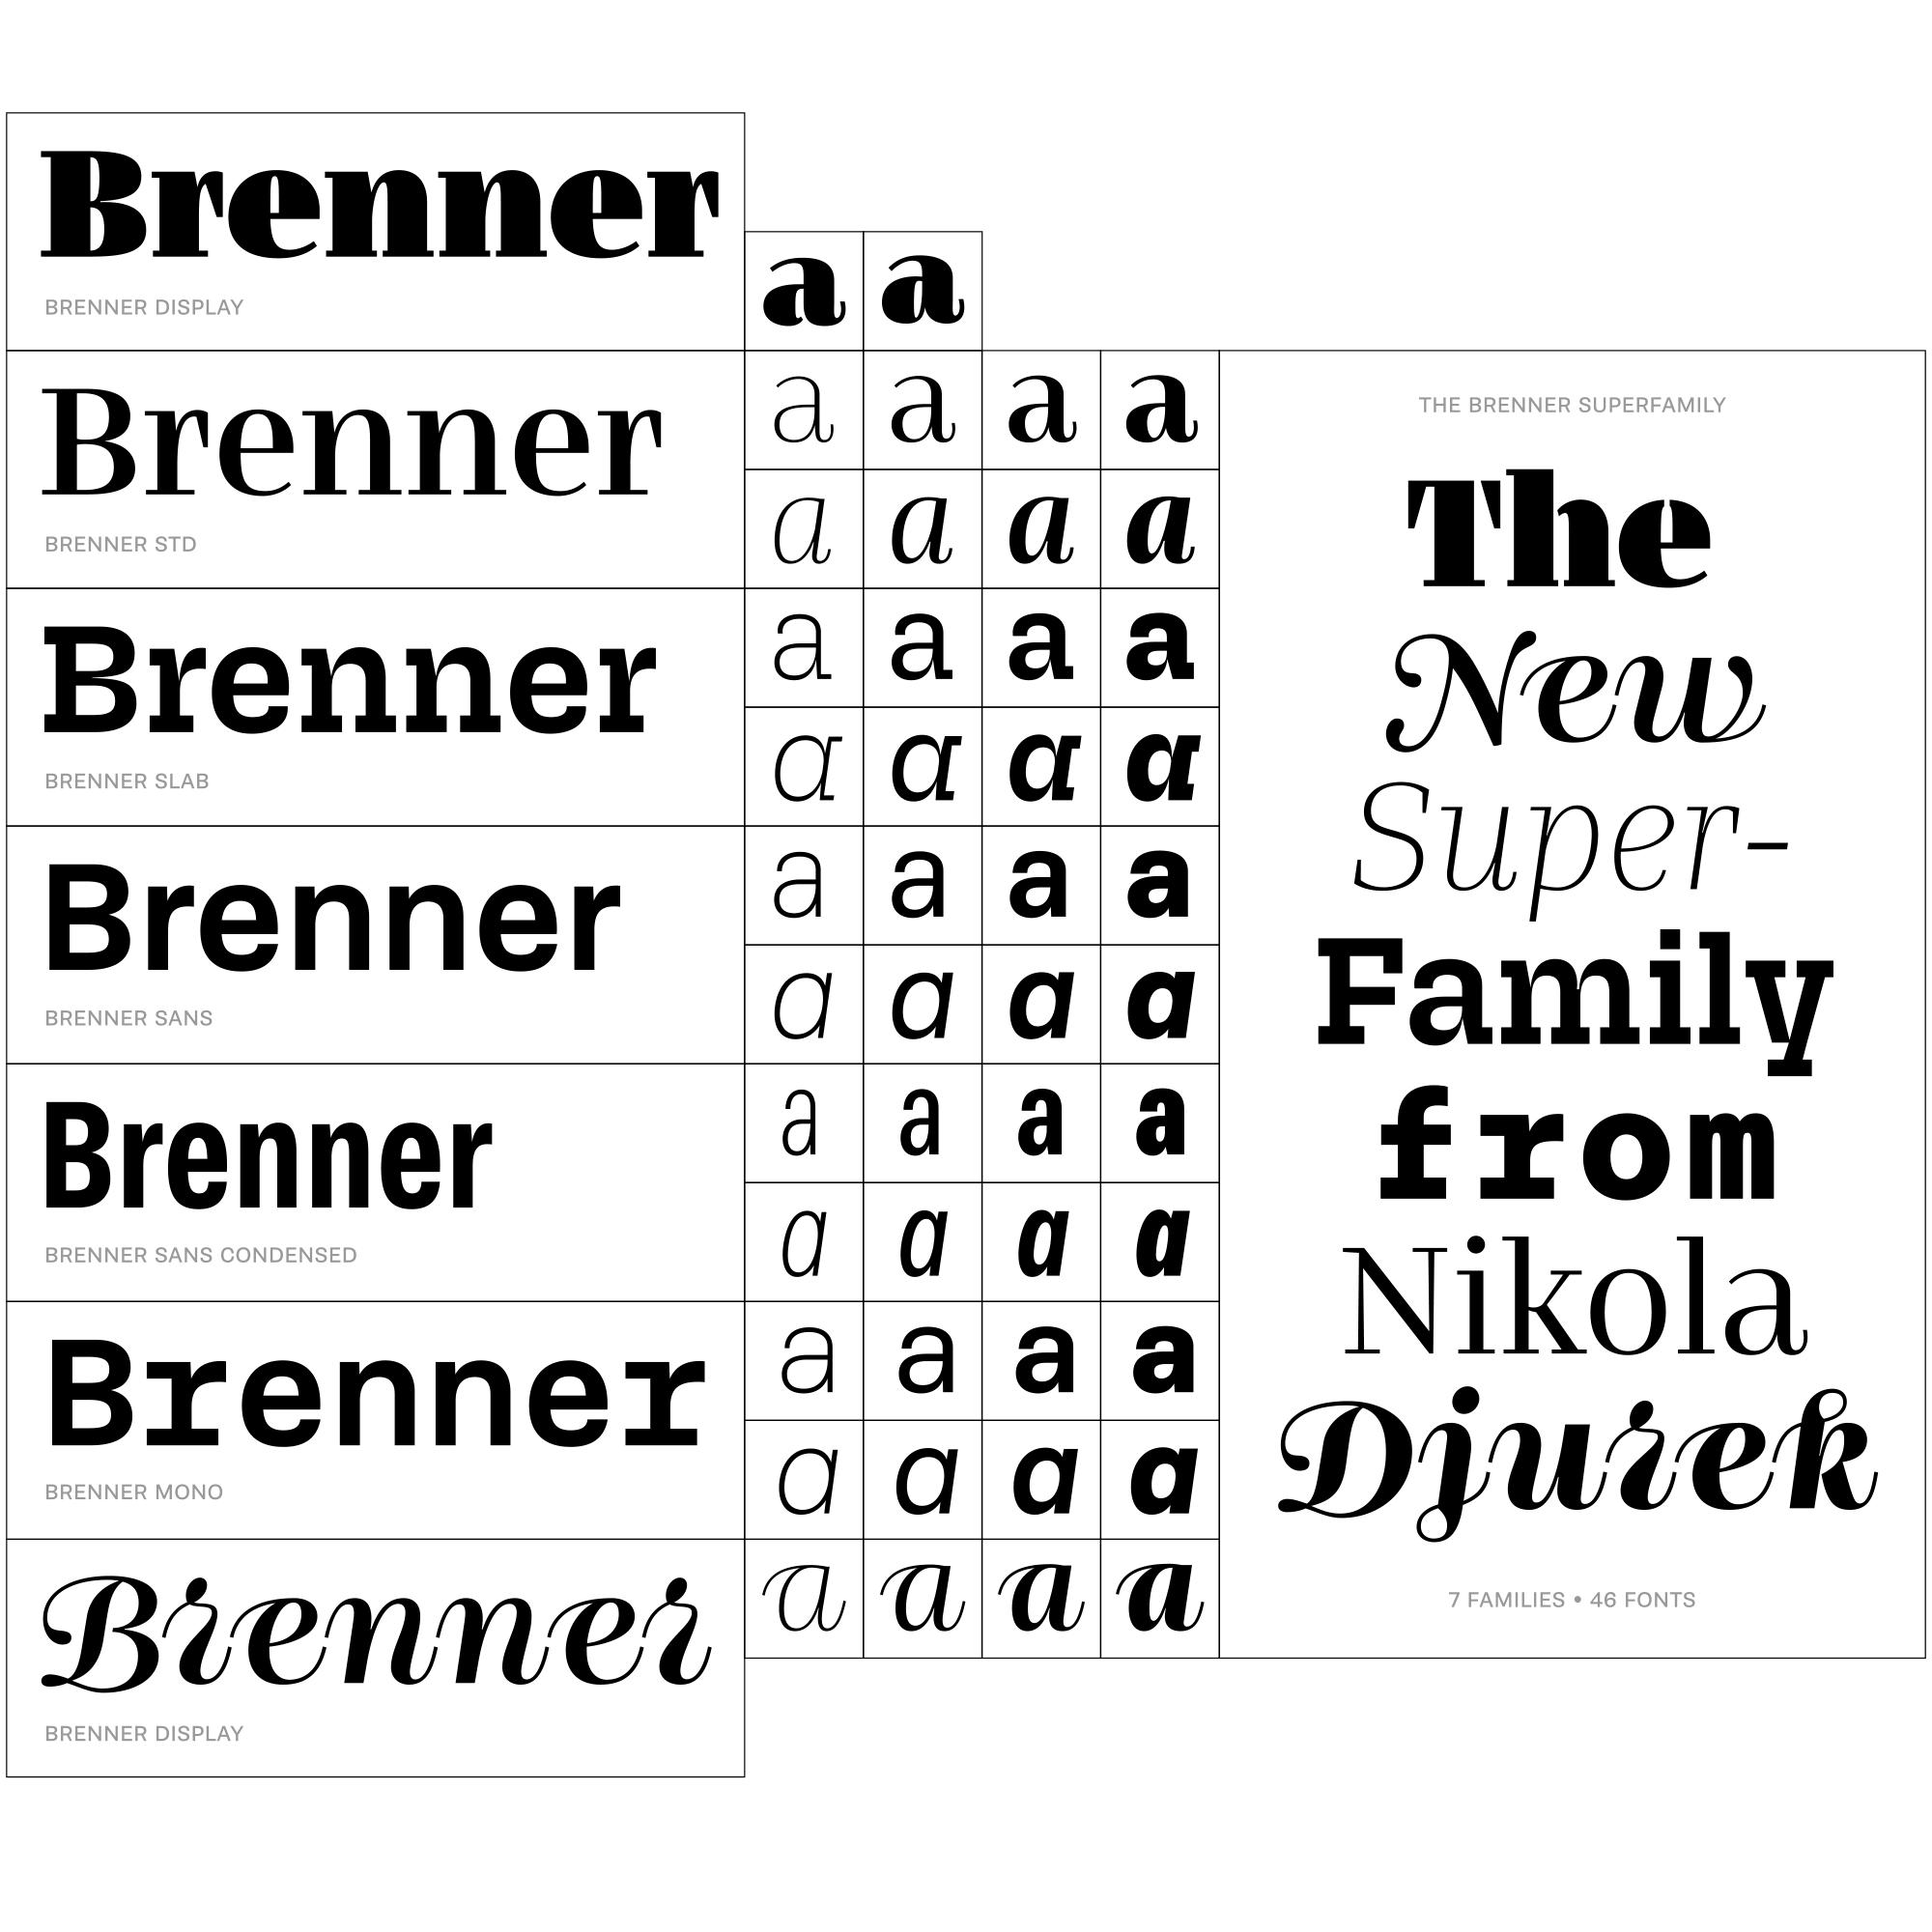 specimen of Brenner family